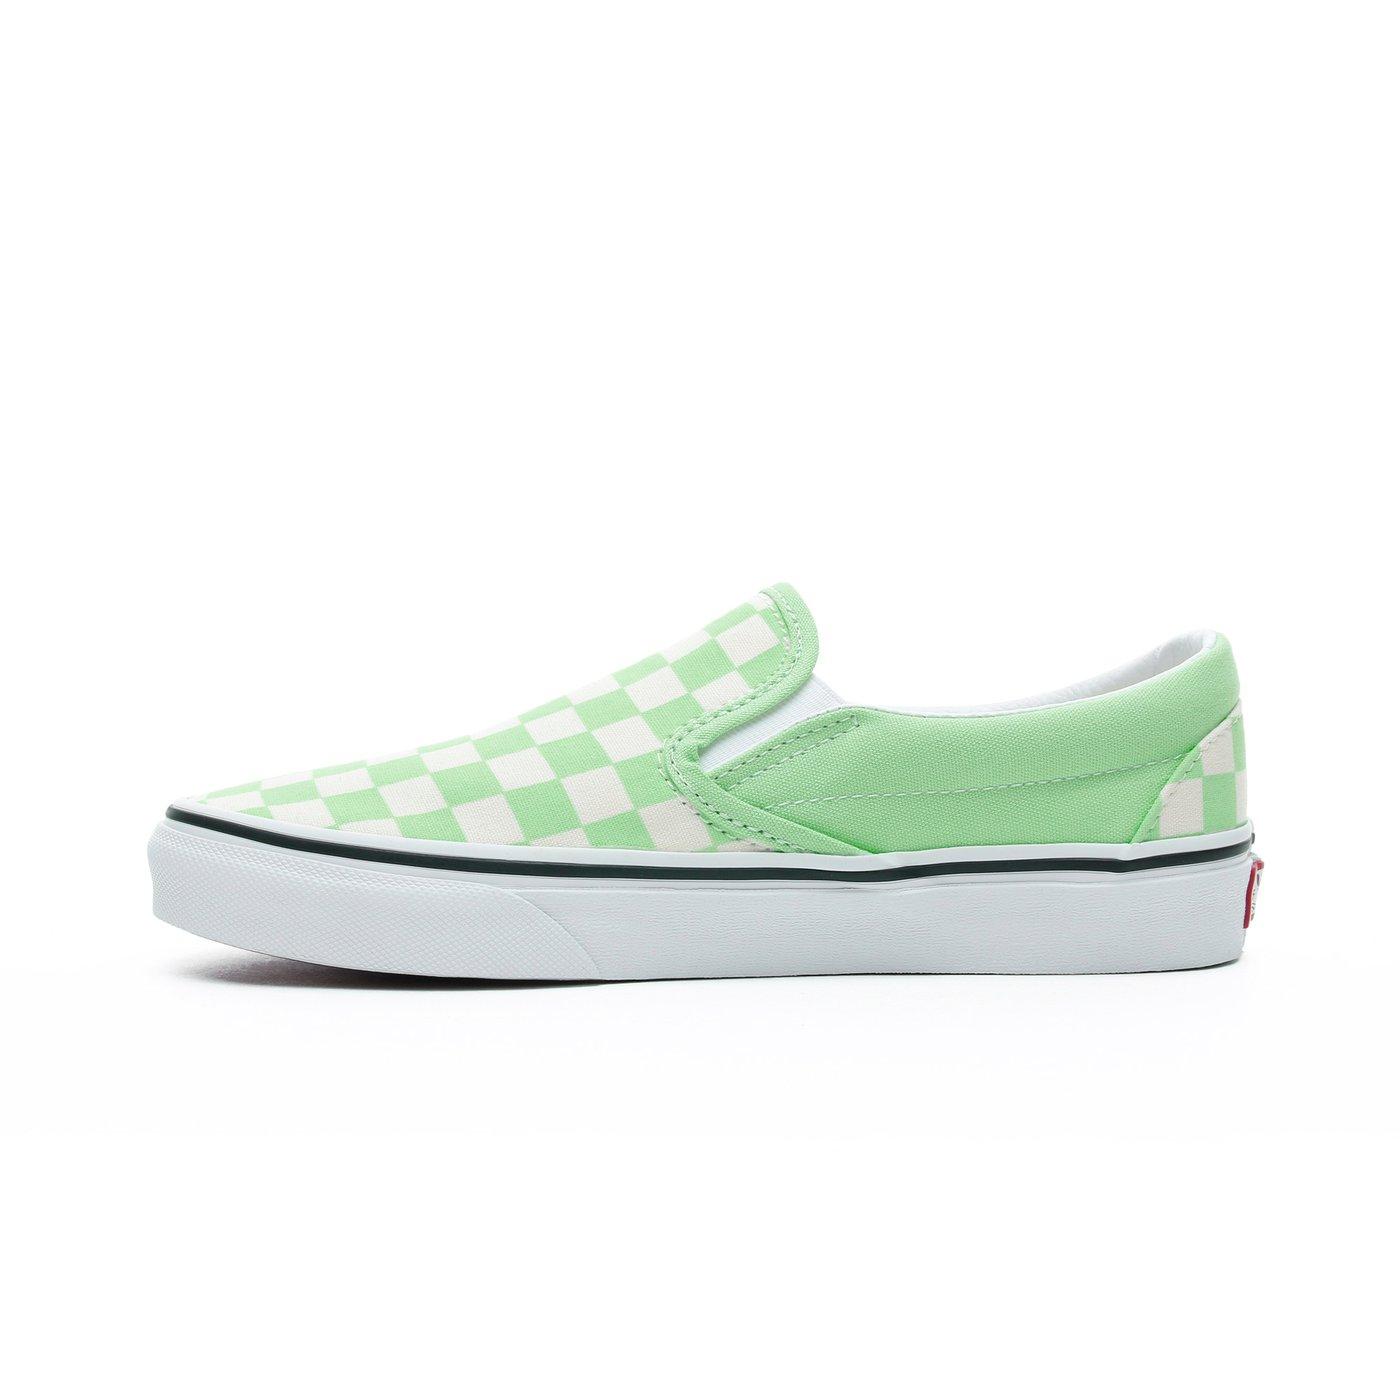 Vans Classic Slip-On Kadın Yeşil Sneaker